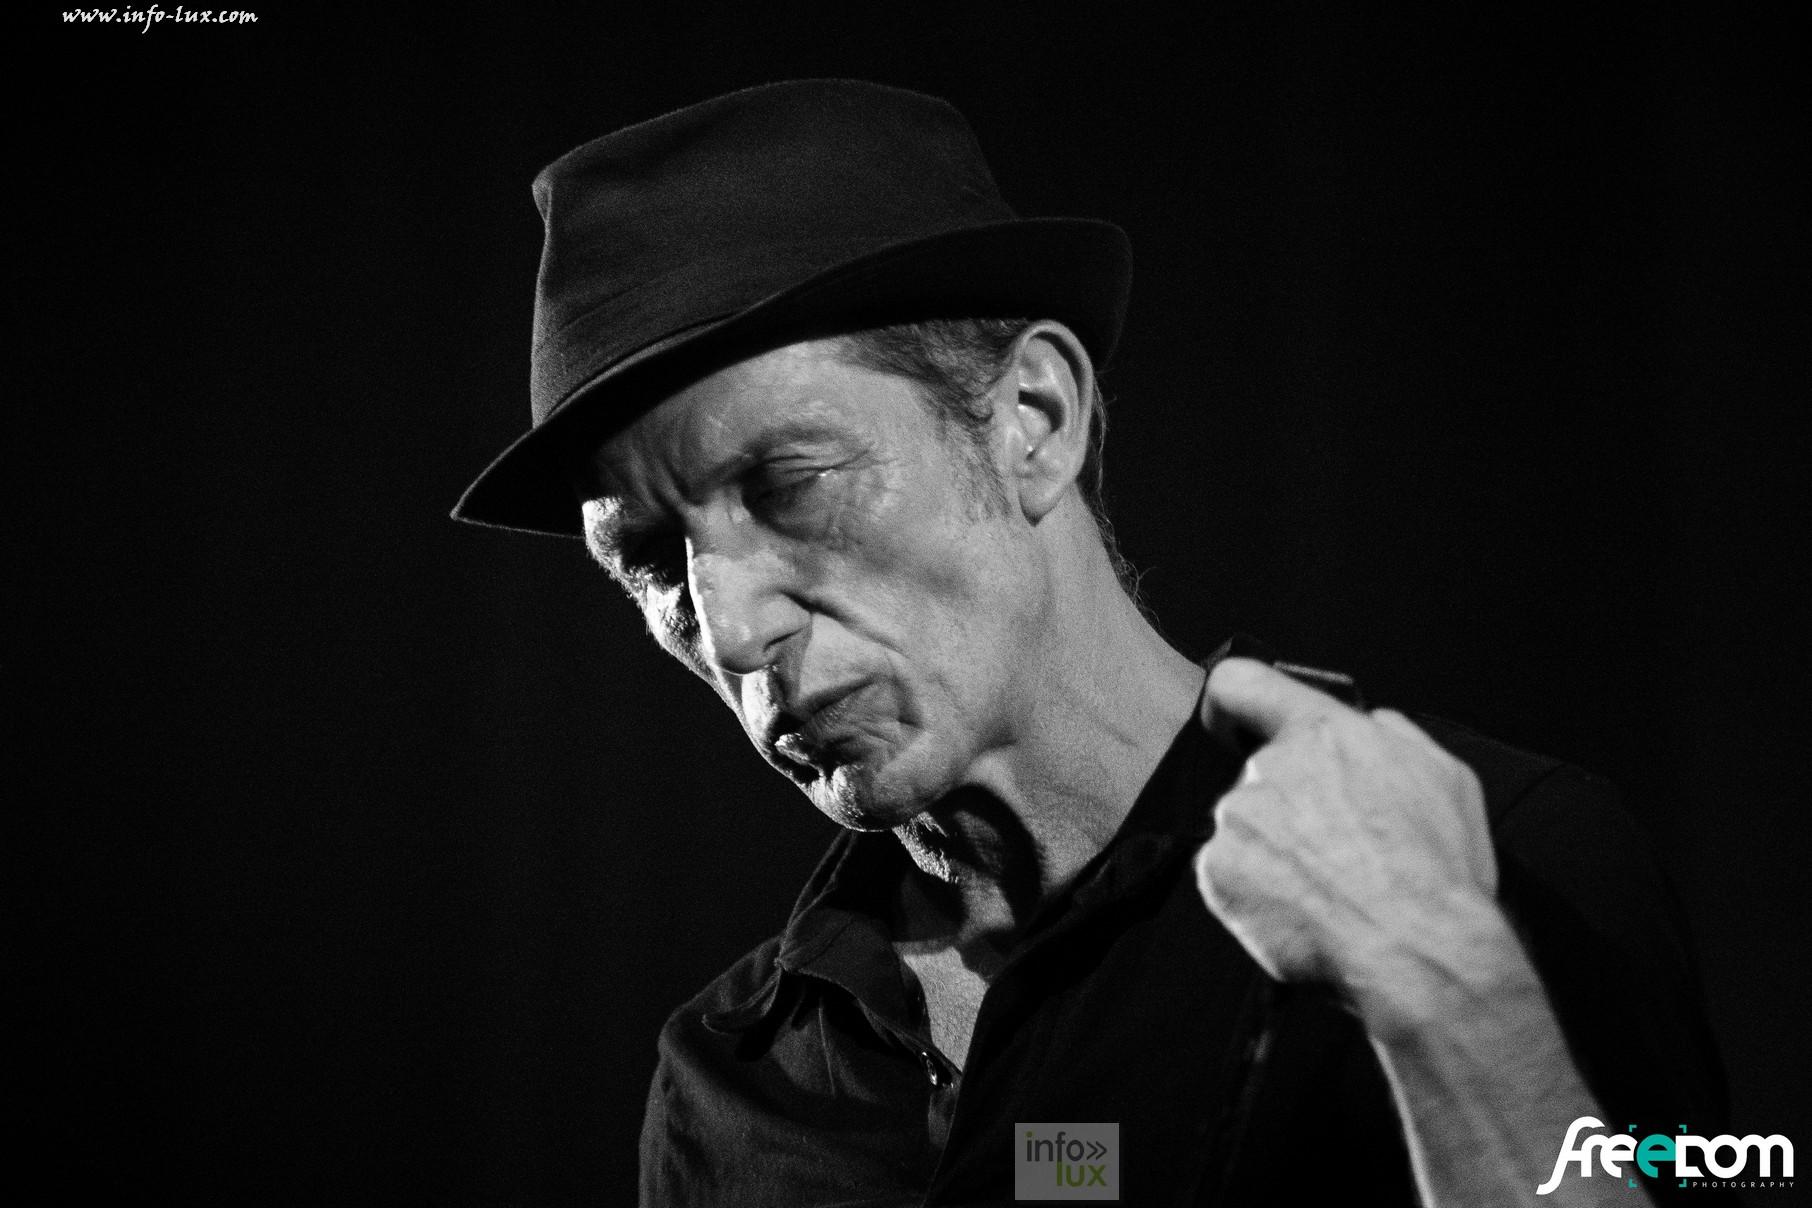 images/stories/PHOTOSREP/Bastogne/concert-moissec/2014-_miossec_bastogne-0692_LR_fp